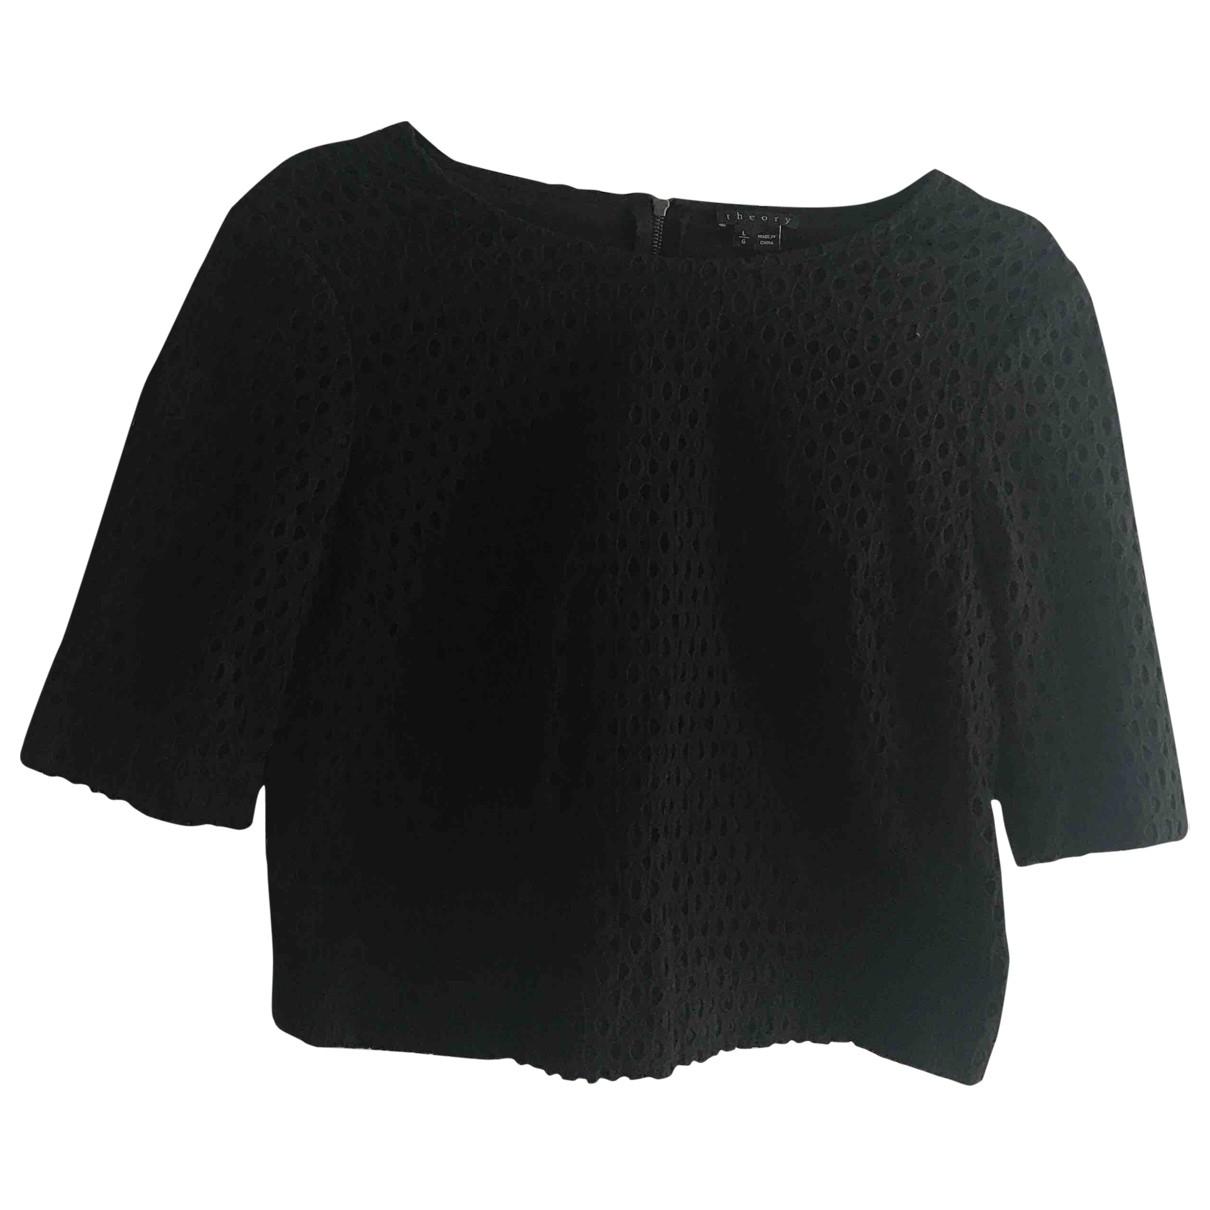 Theory - Top   pour femme en coton - noir